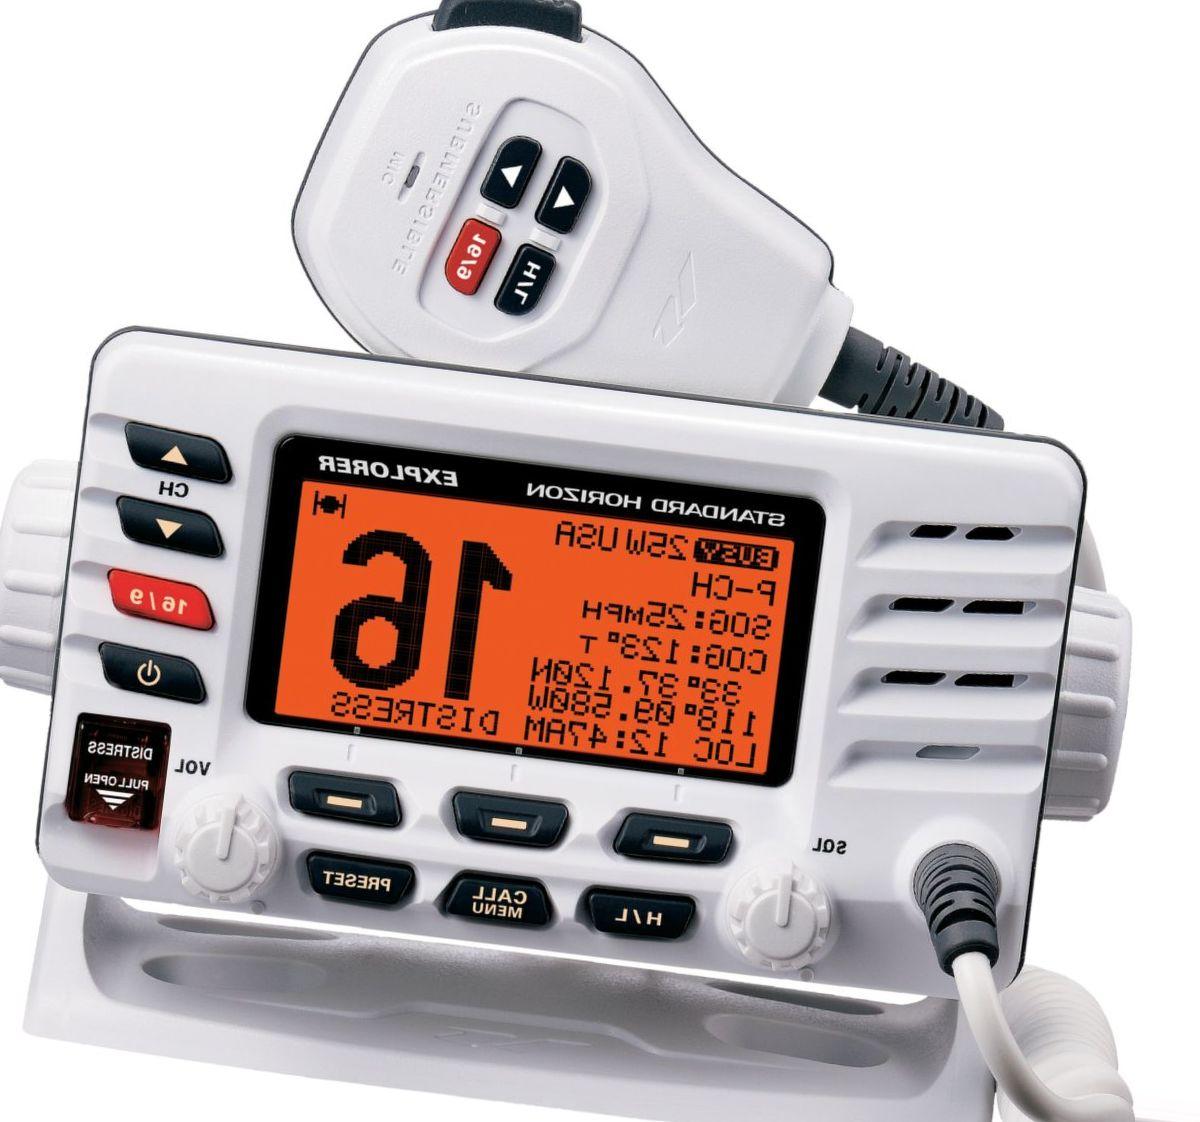 Standard Horizon GX1600 VHF Radio